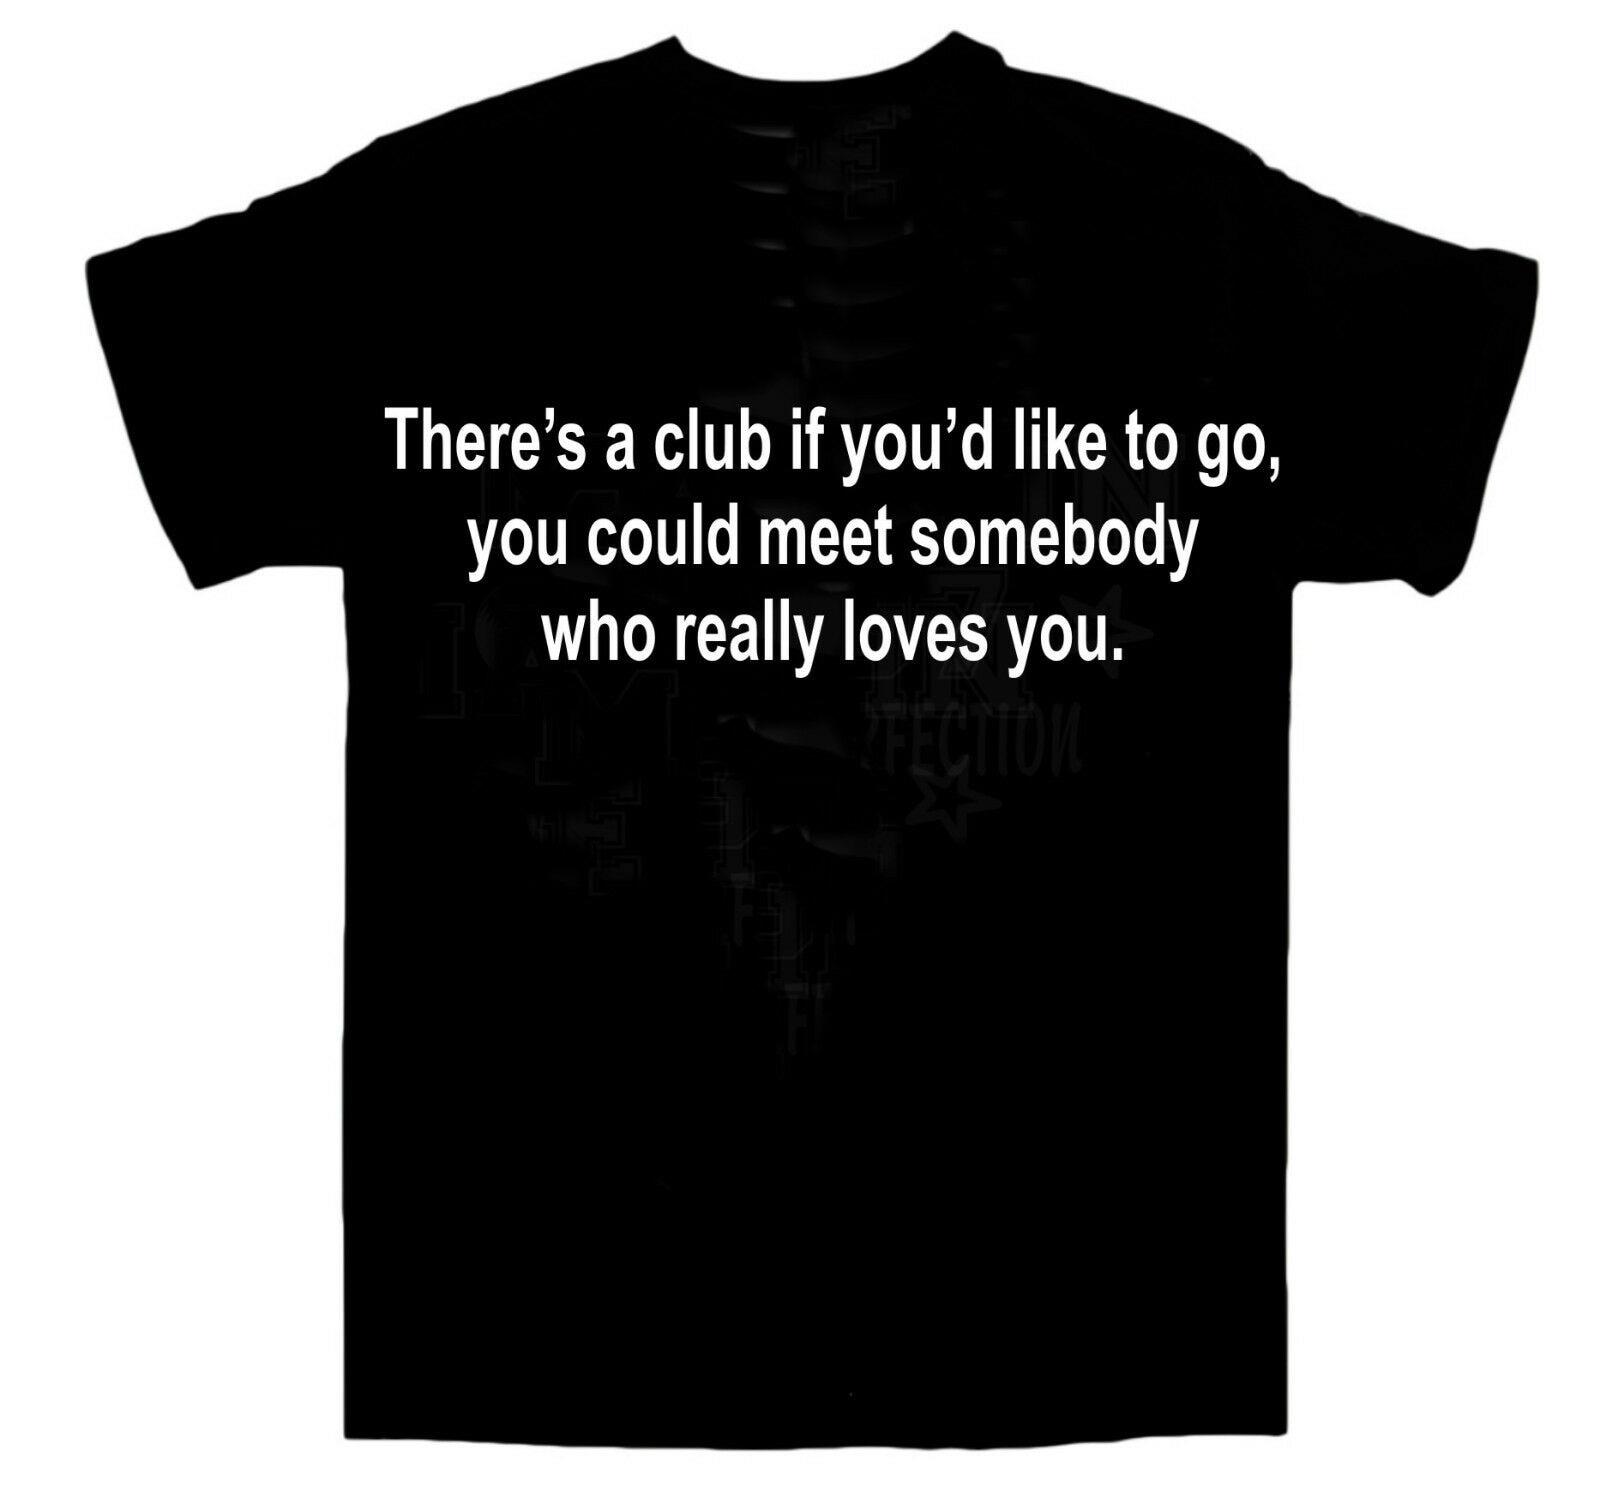 Letras de la camiseta de The Smiths/Morrissey/hay un CLUB si tienes dibujos animados impresos Camiseta de manga corta envío gratis